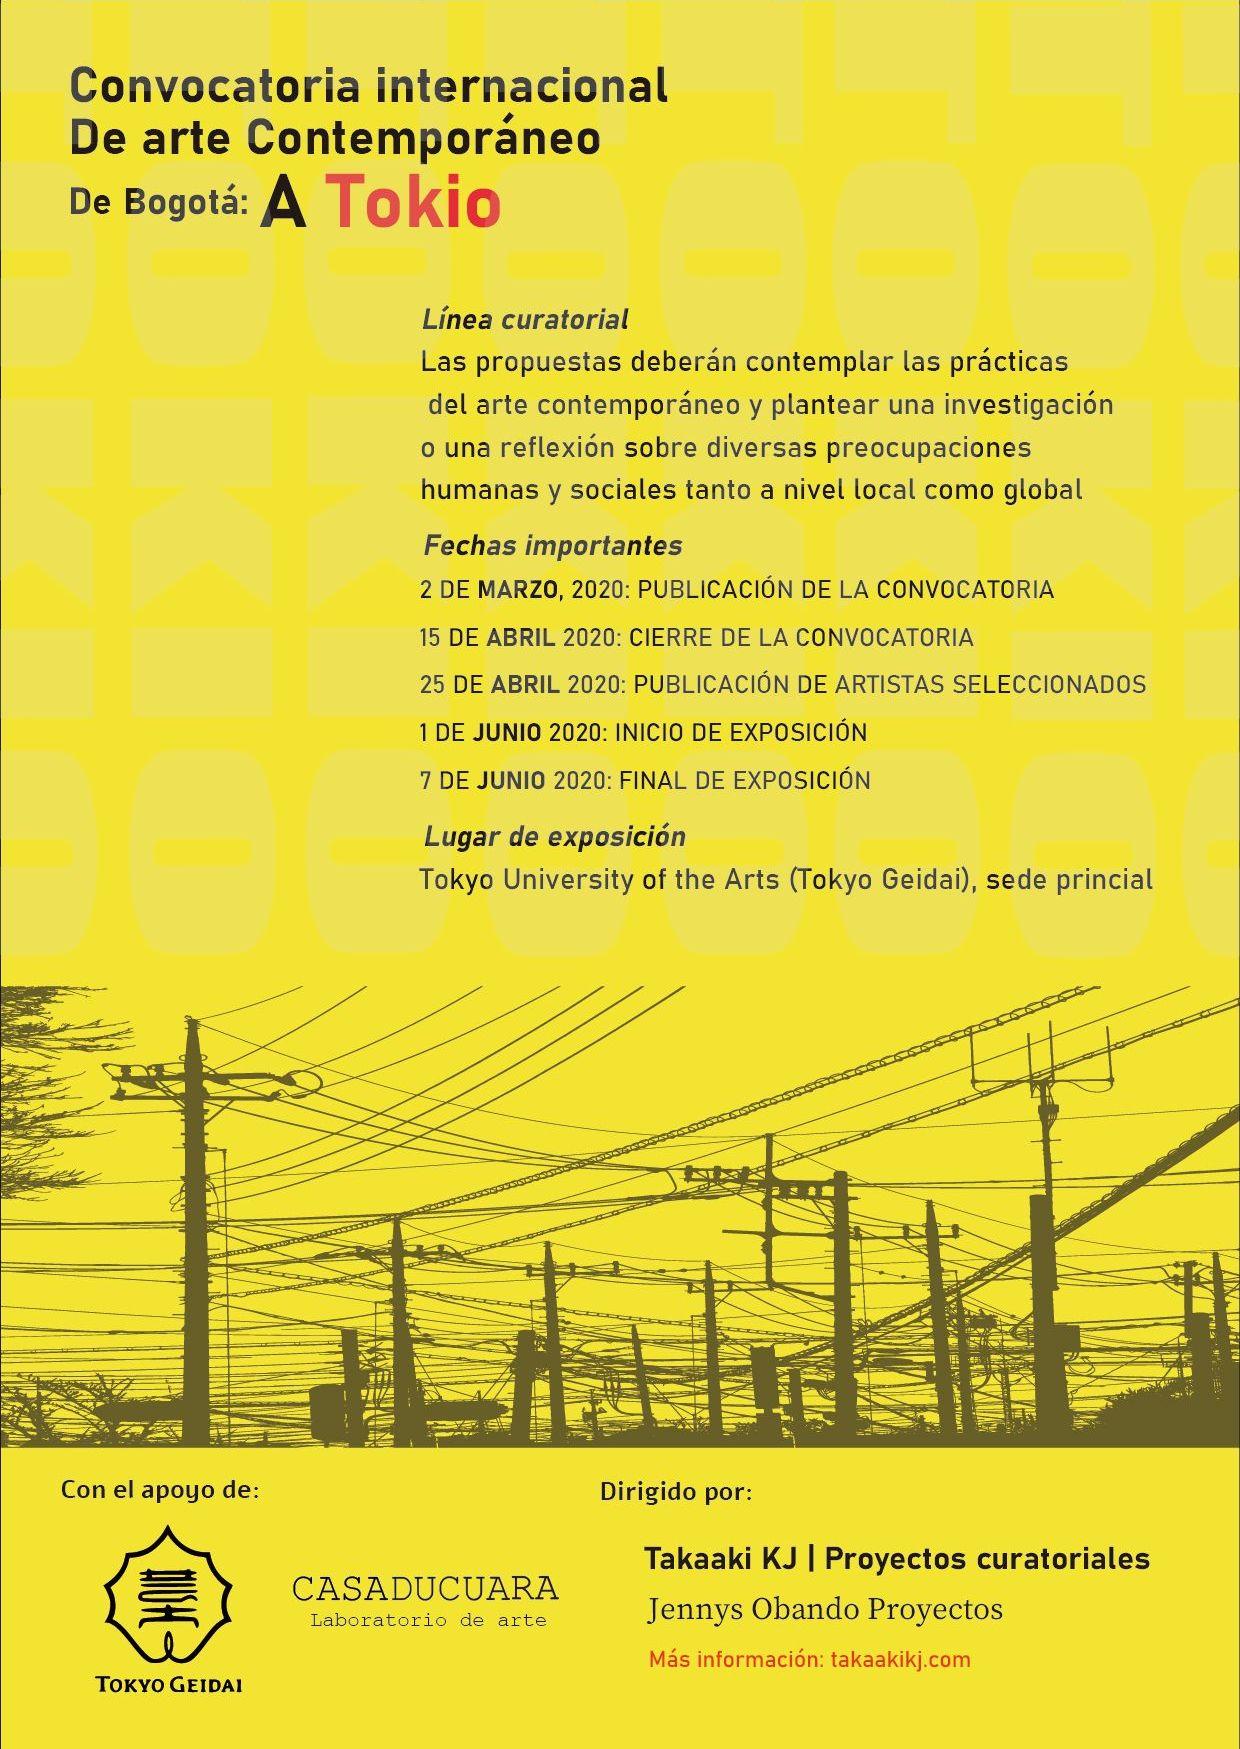 Convocatoria internacional de arte contemporáneo: de Bogotá a Tokio